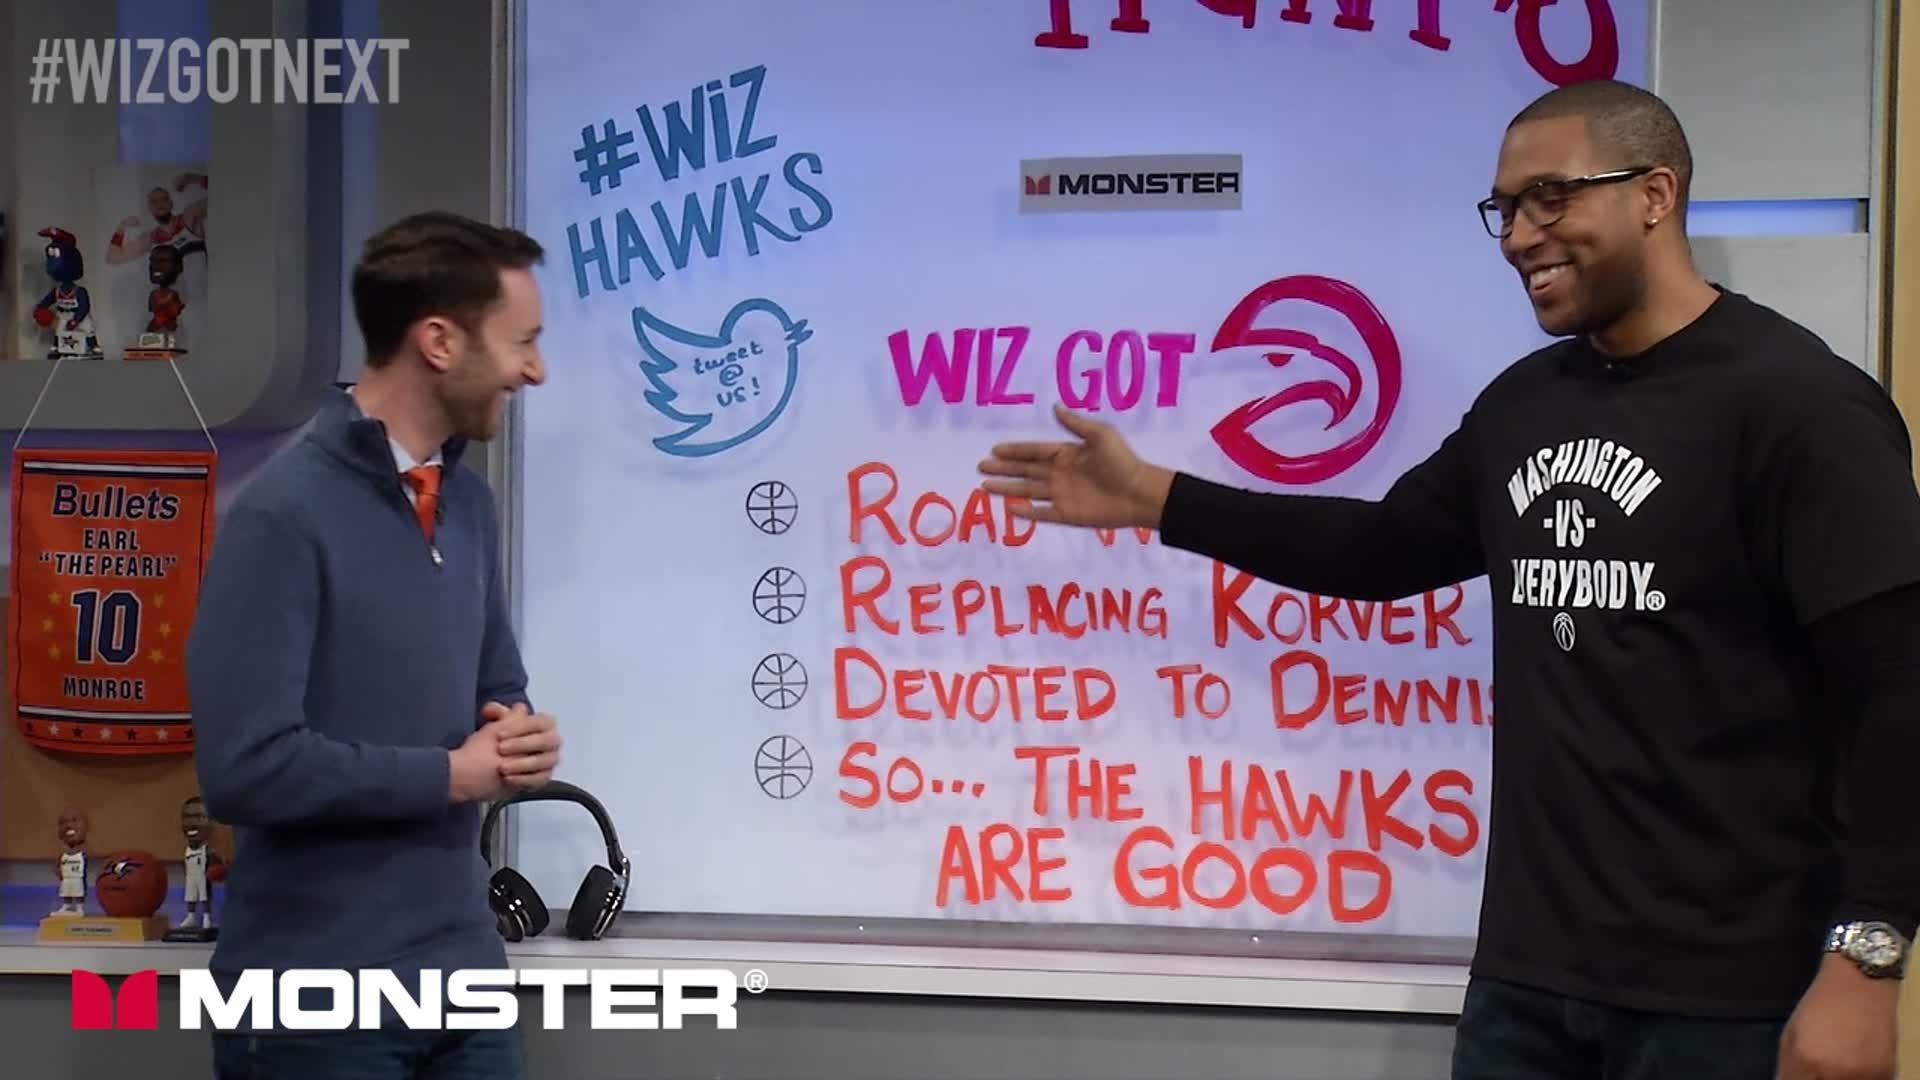 Wiz Got Next: Wizards @ Hawks Pt 1 - 1-27-17